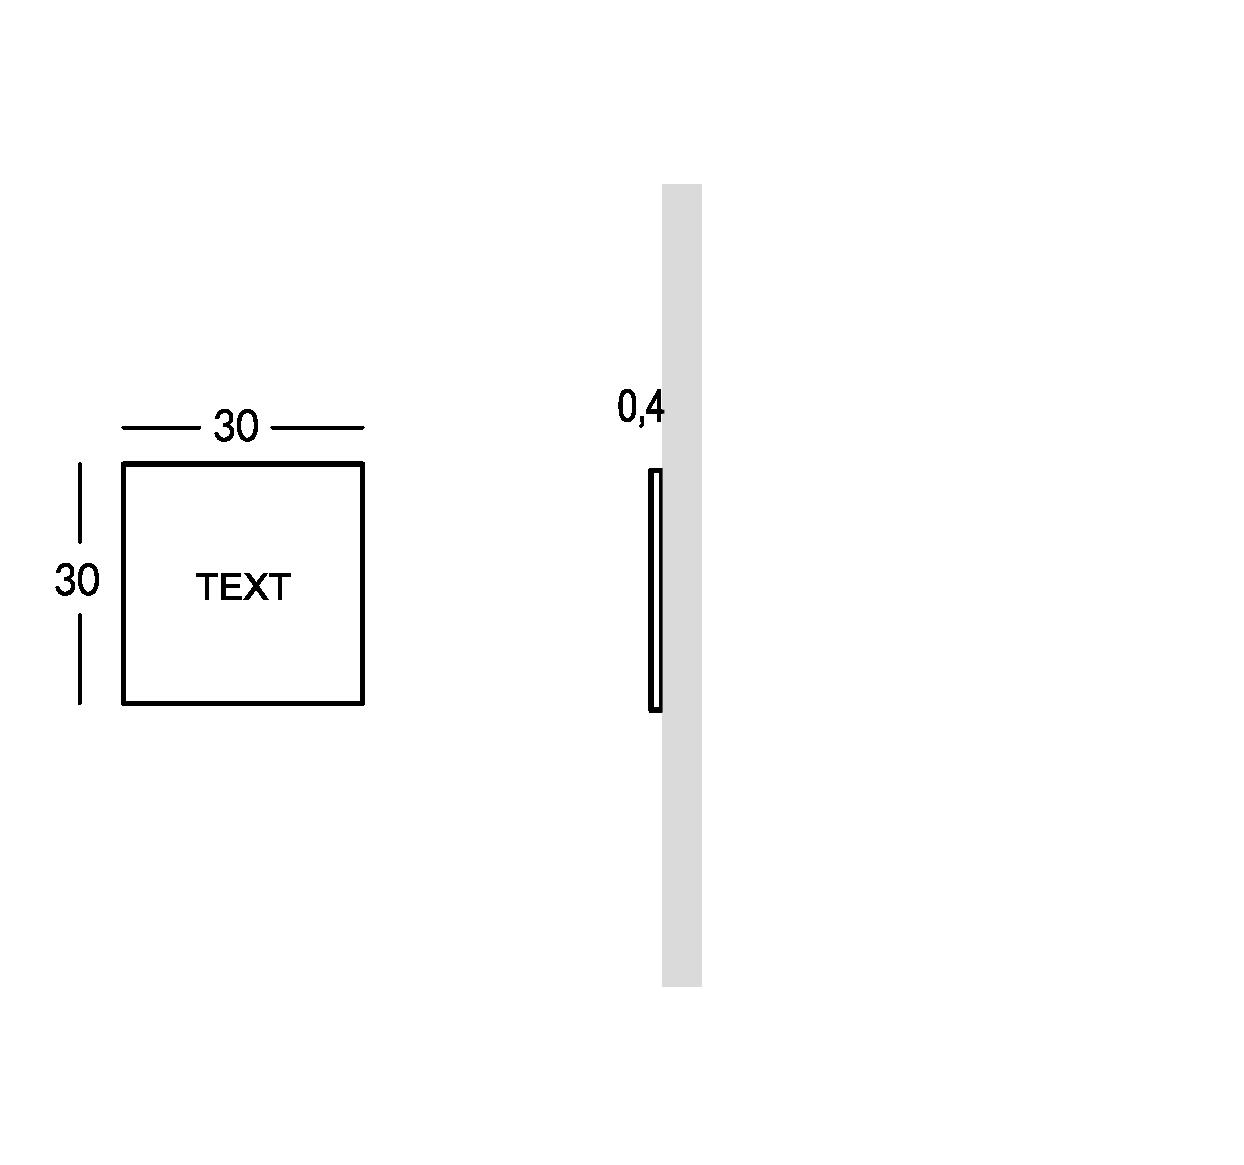 Placa para exterior con letras estarcidas y rellenas. Versión XS.